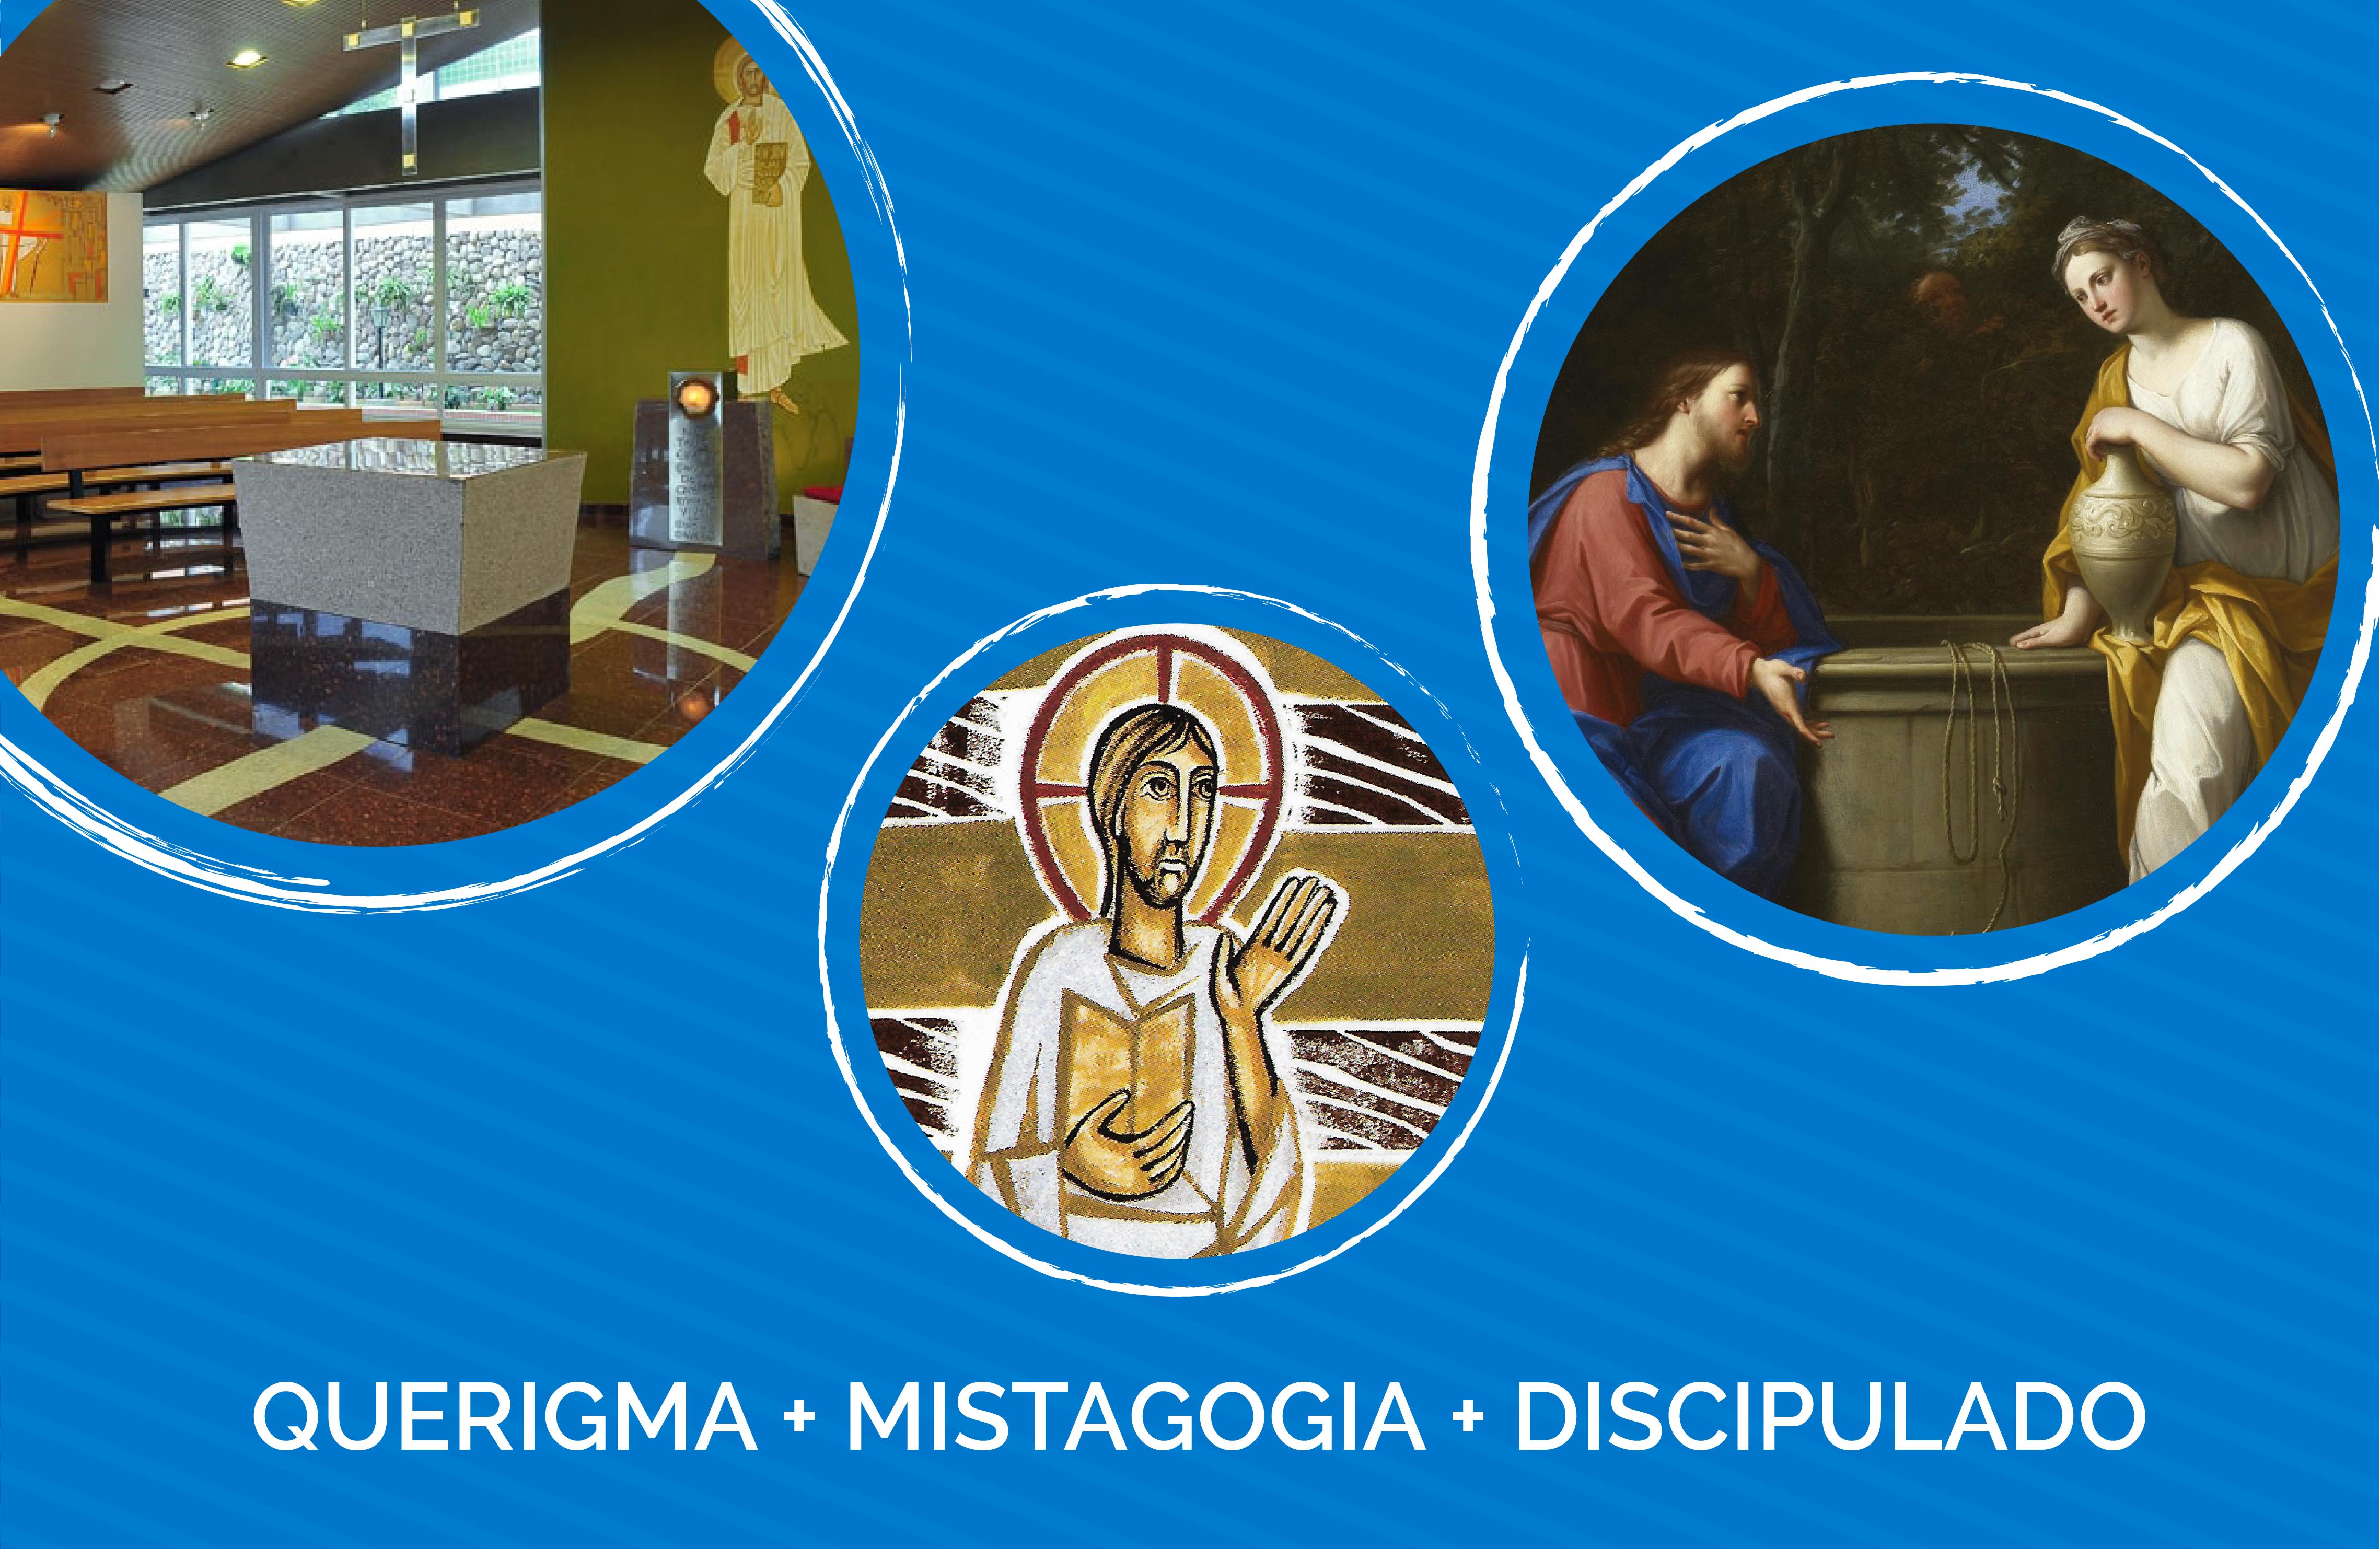 Iniciação à Vida Cristã - COMBO (Querigma, Mistagogia e Discipulado) - EAD